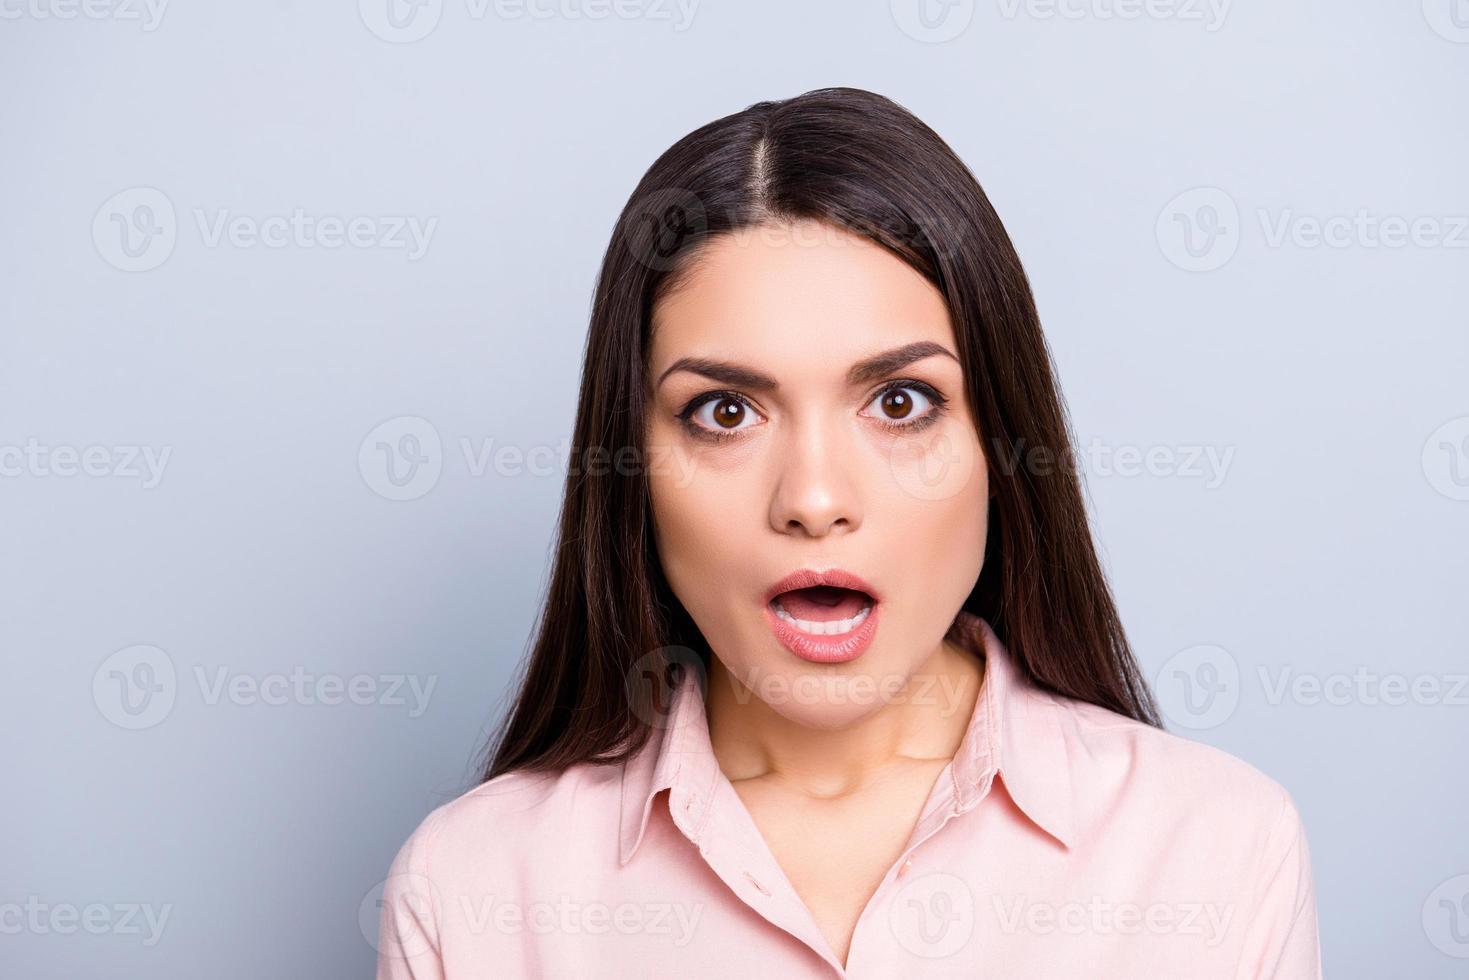 retrato de mulher chocada, assustada, com medo, impressionada, estressada e inesperada em camisa clássica com olhos de boca aberta, olhando para a câmera isolada em fundo cinza foto